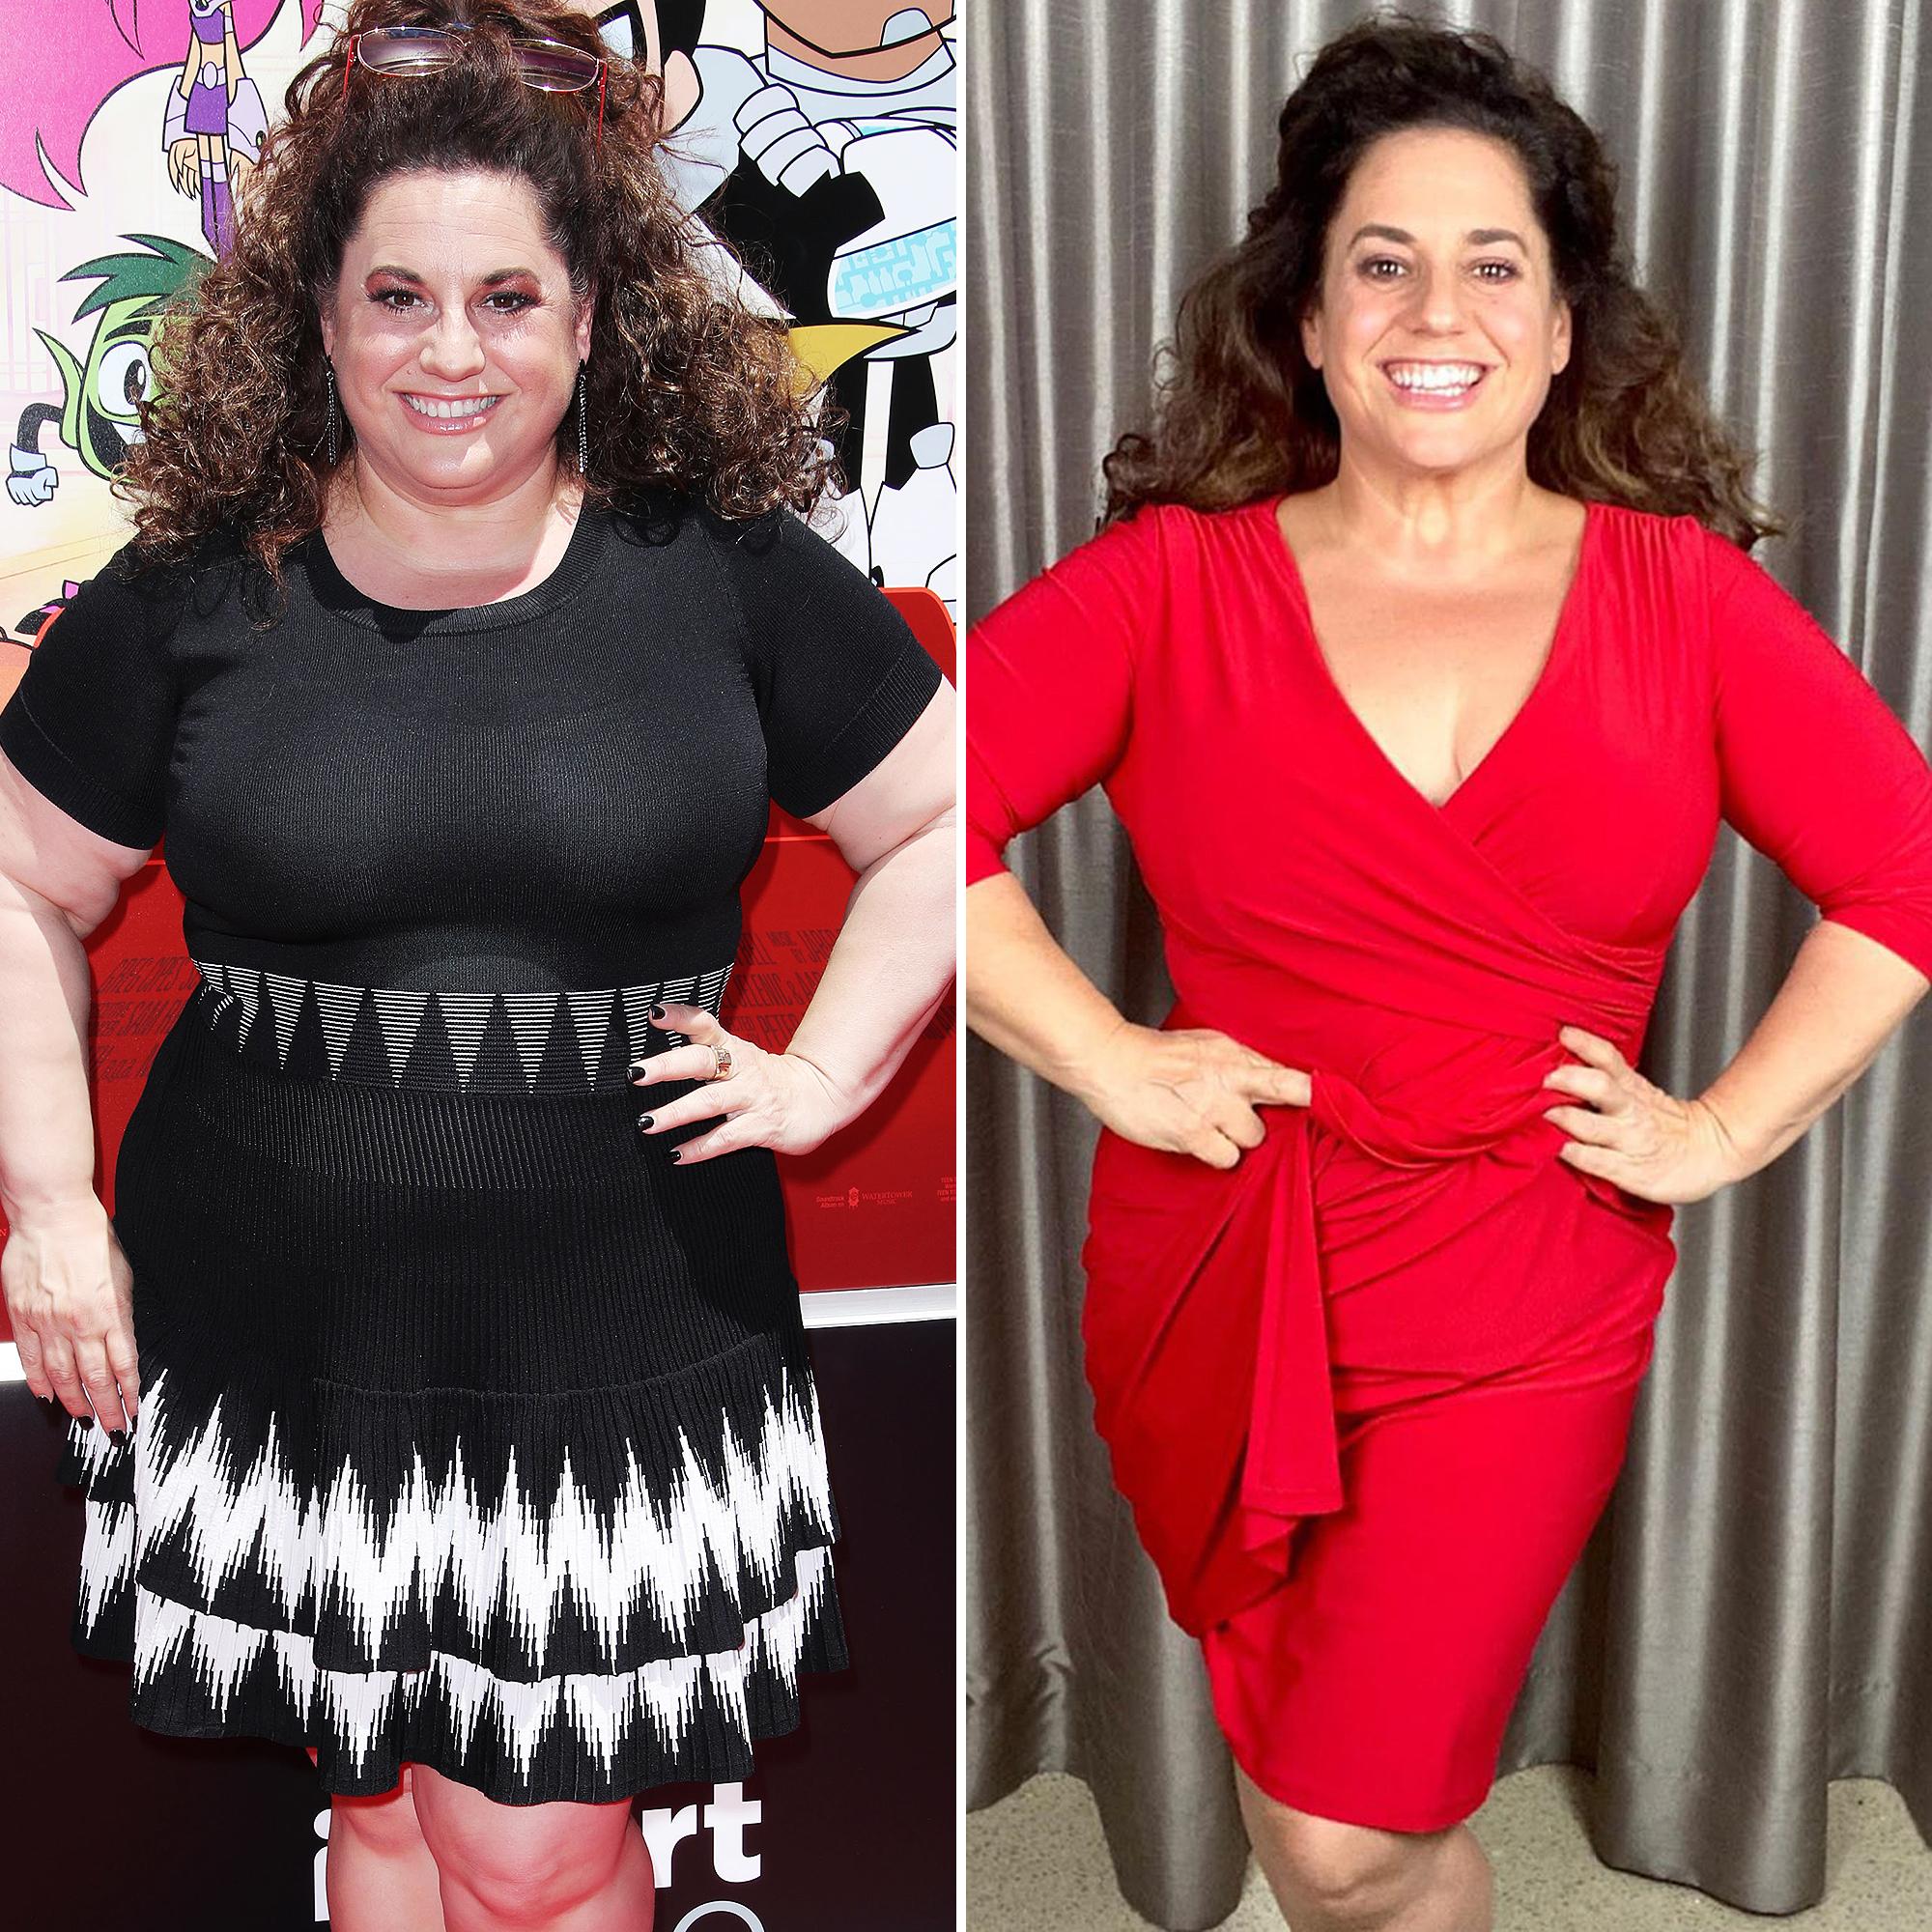 Histoires de perte de poids de 50 lb